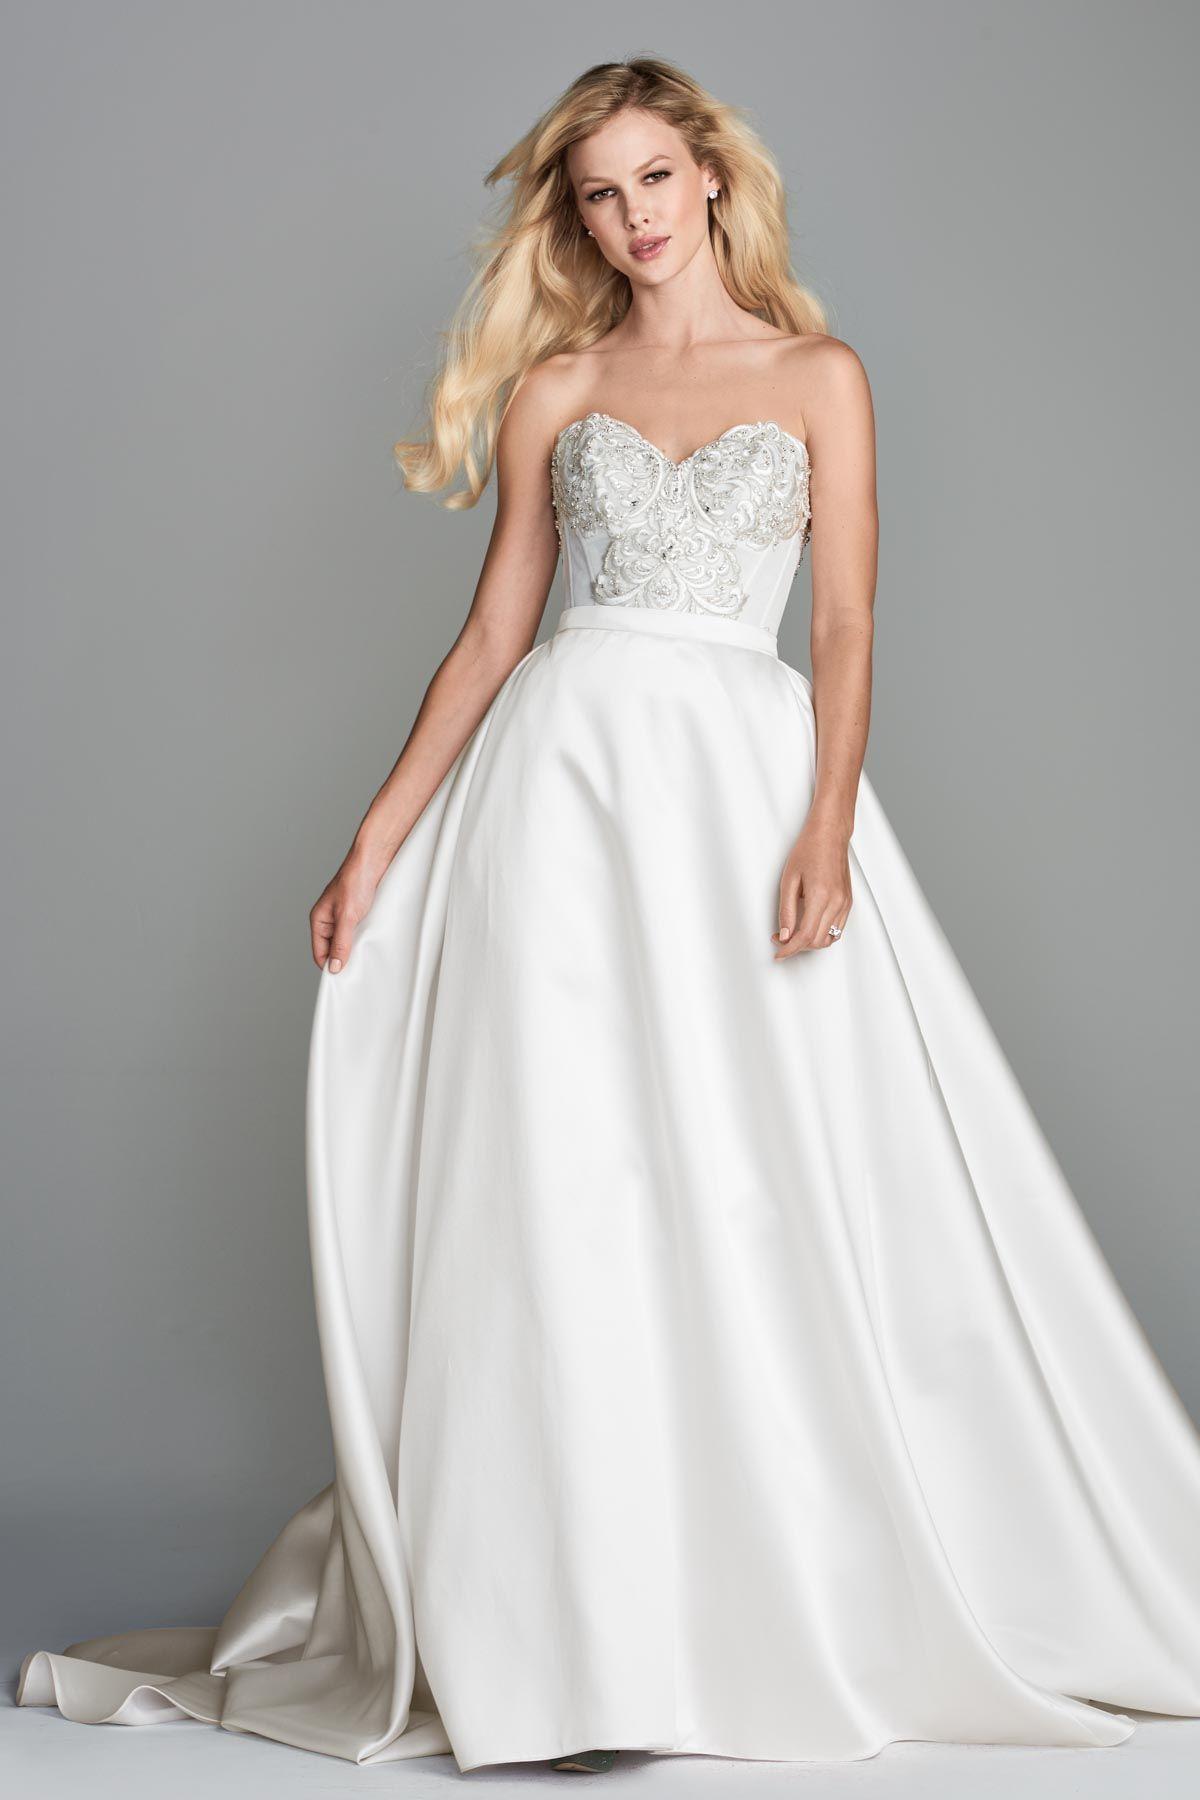 Marvista Skirt 10209   Wtoo Brides   Wtoo   Wtoo Bridal ...